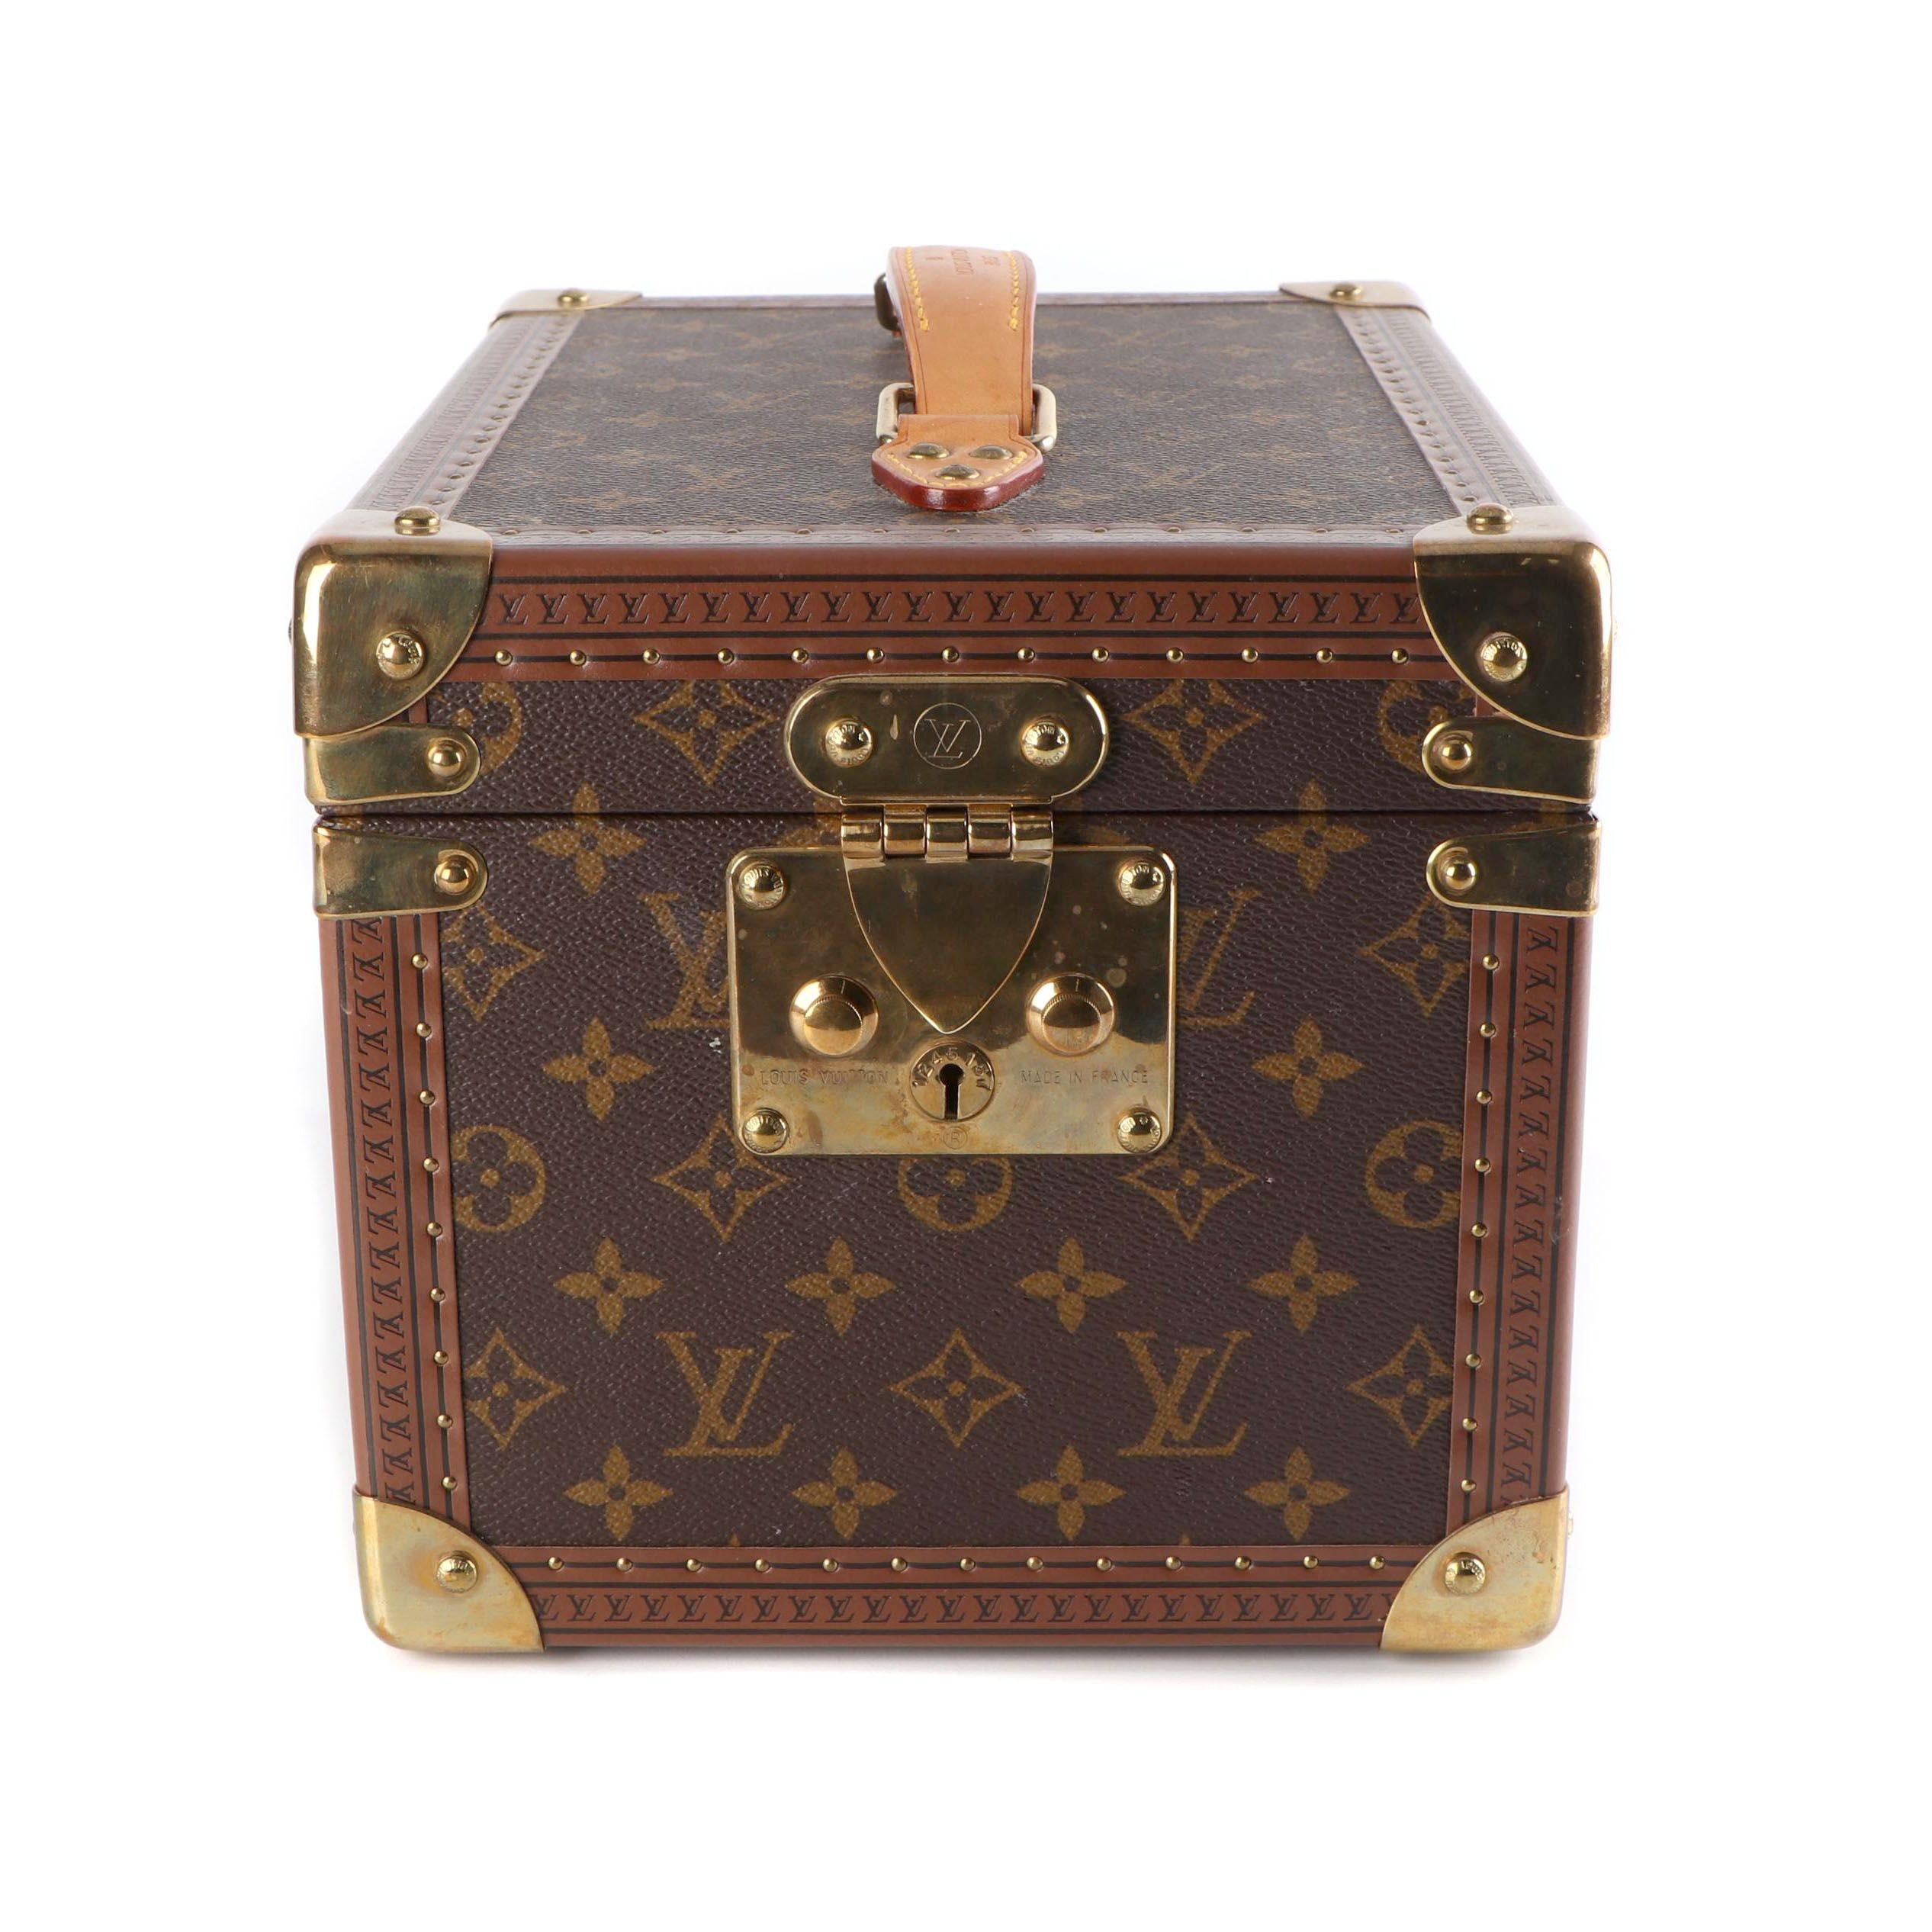 Louis Vuitton Paris Bôite Flacons Monogram Canvas Beauty Case